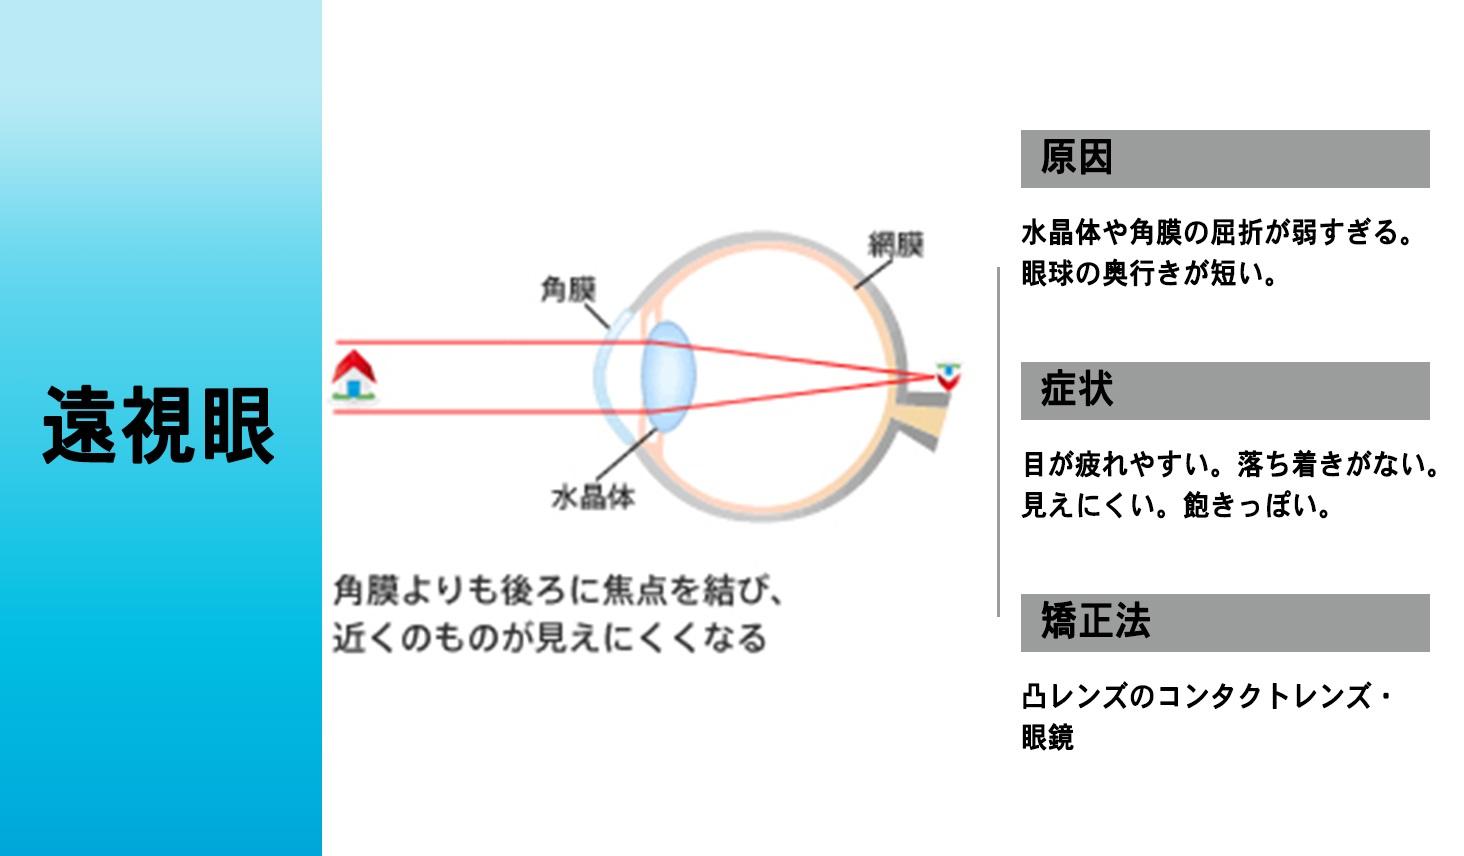 遠視眼の仕組み